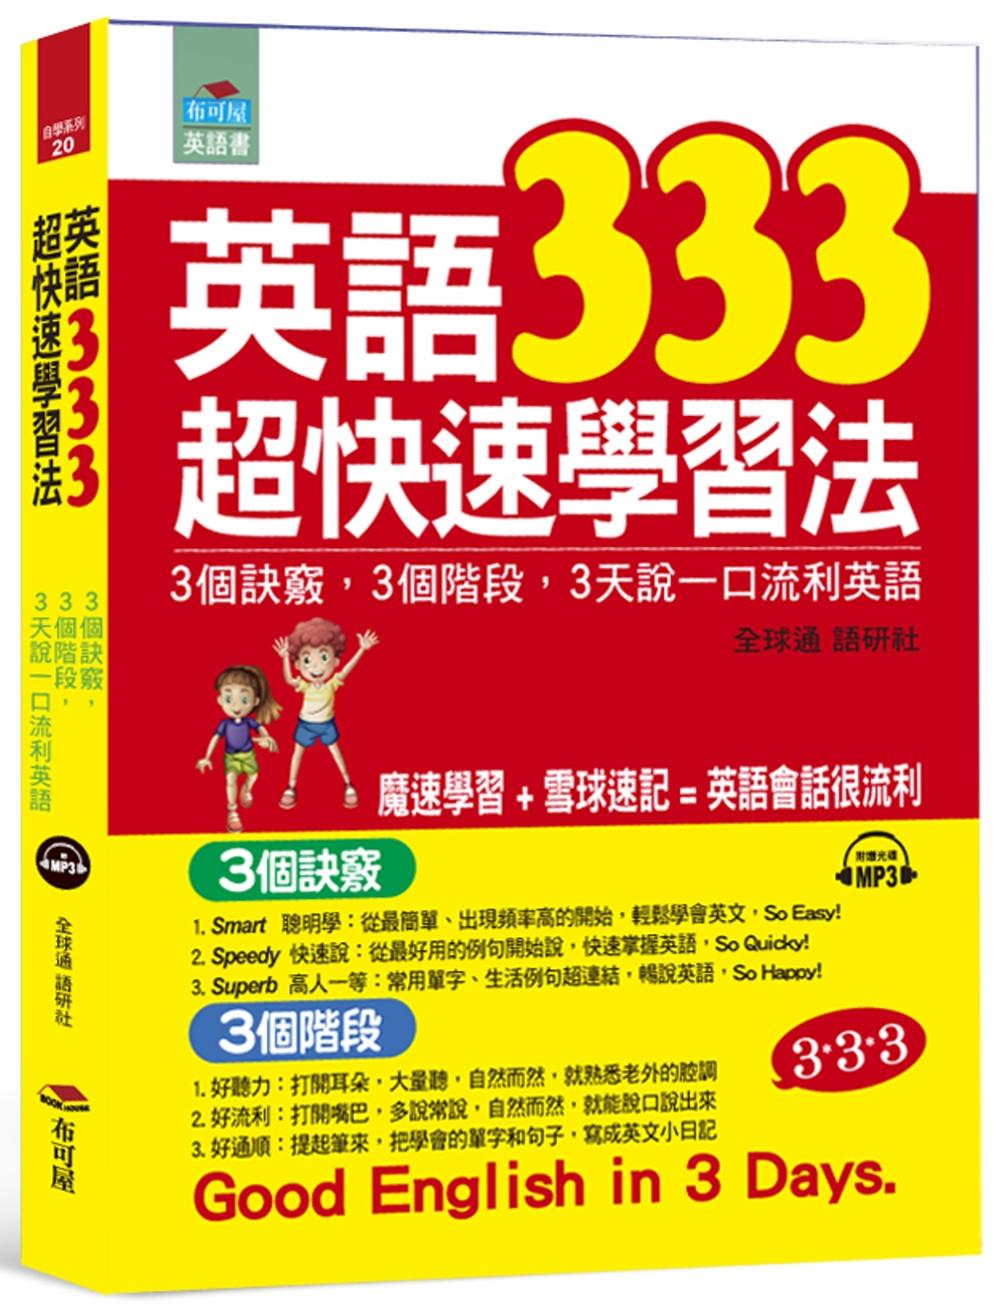 ◤博客來BOOKS◢ 暢銷書榜《推薦》英語333超快速學習法:3個訣竅,3個階段, 3天說一口流利英語(附MP3)